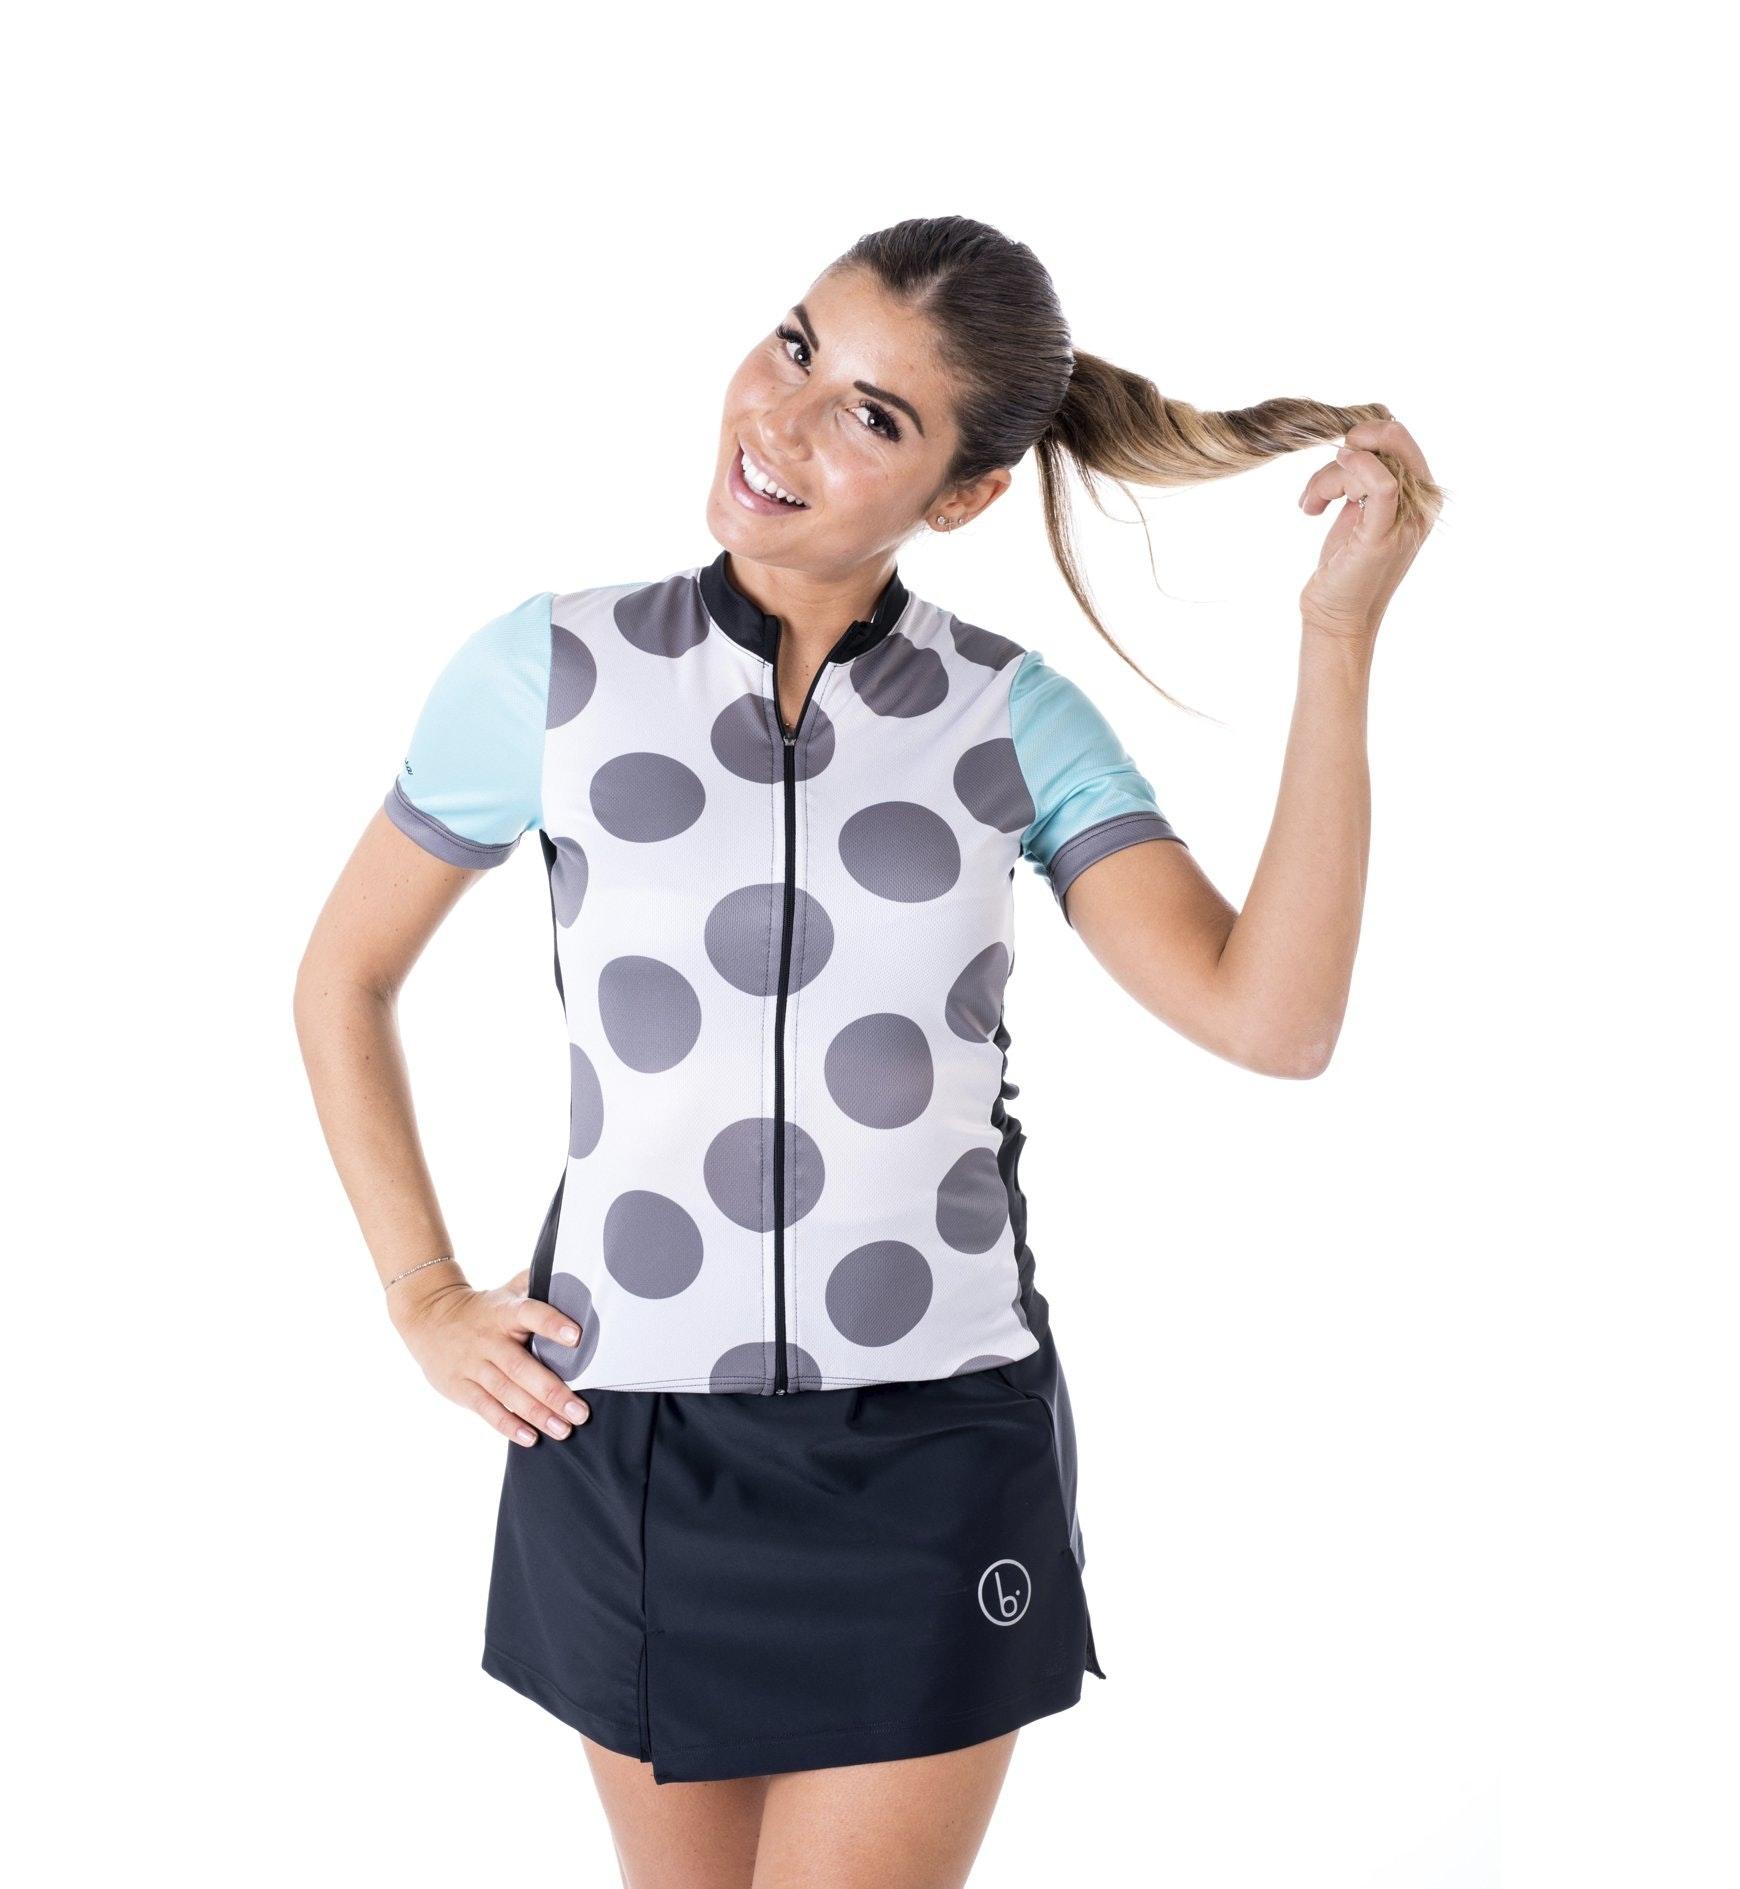 Biciclista Clubbin Les Ciclistes - maglia bici - donna